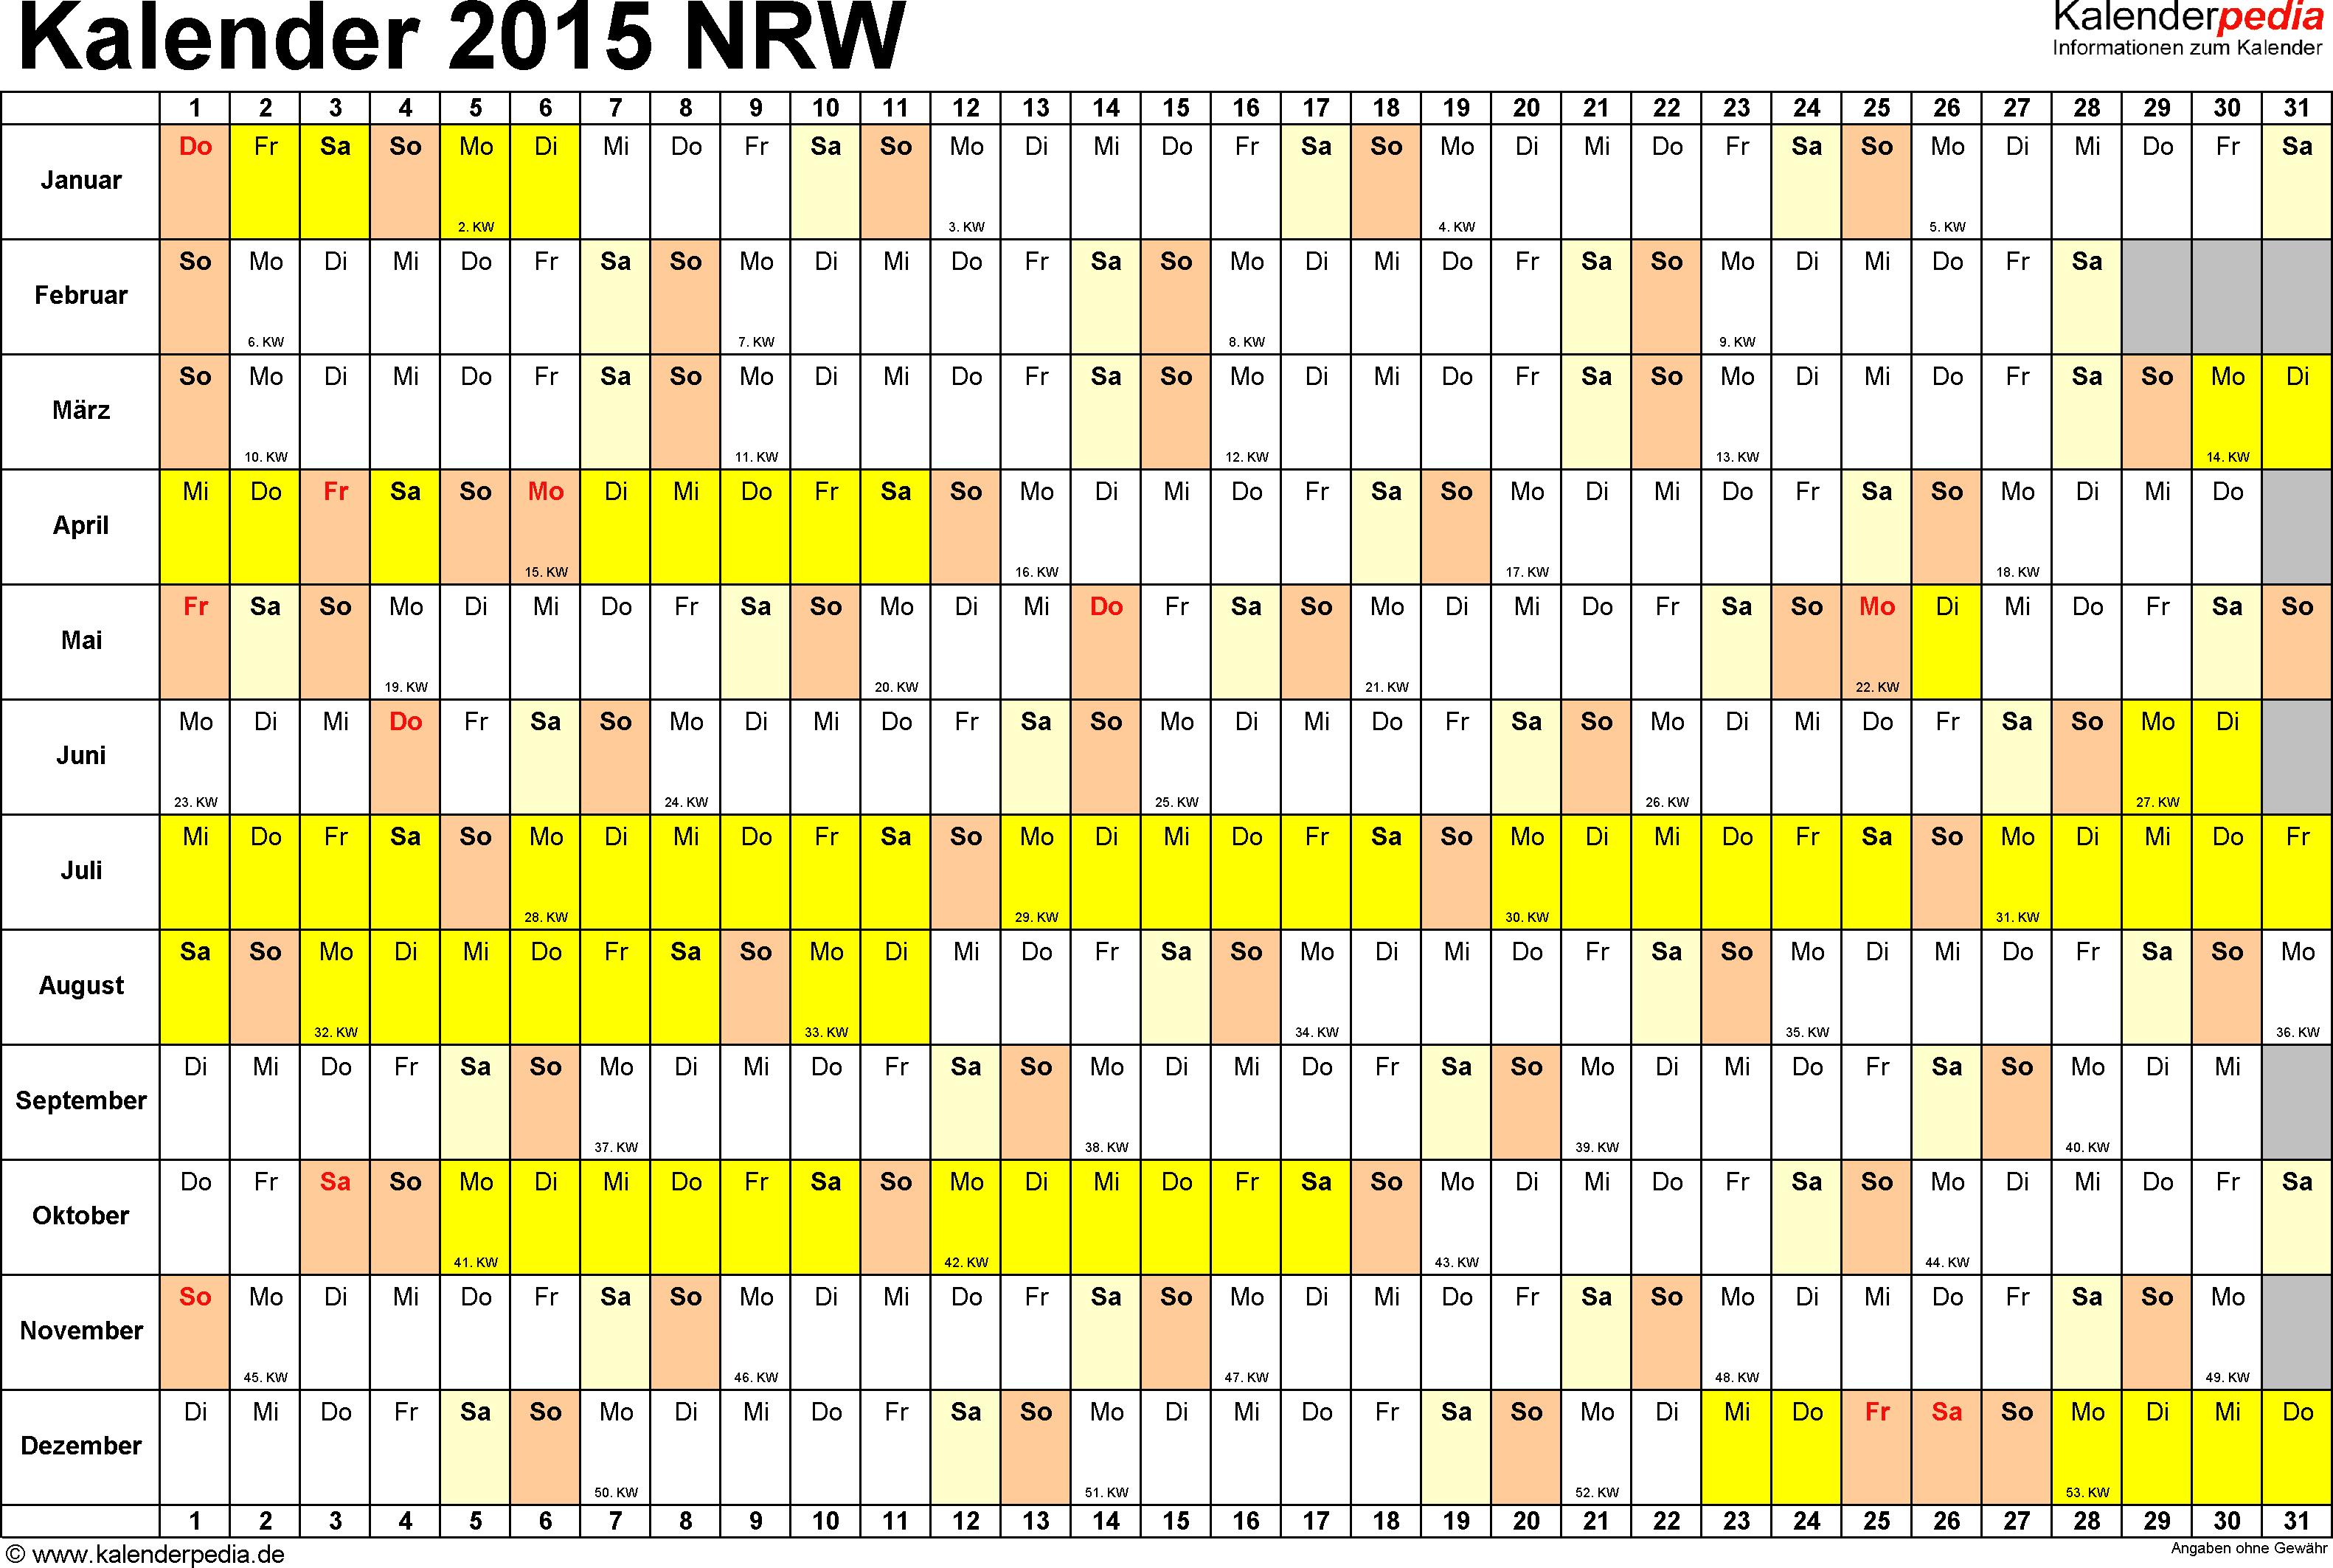 Vorlage 3: Kalender Nordrhein-Westfalen (NRW) 2015 im Querformat, Tage nebeneinander